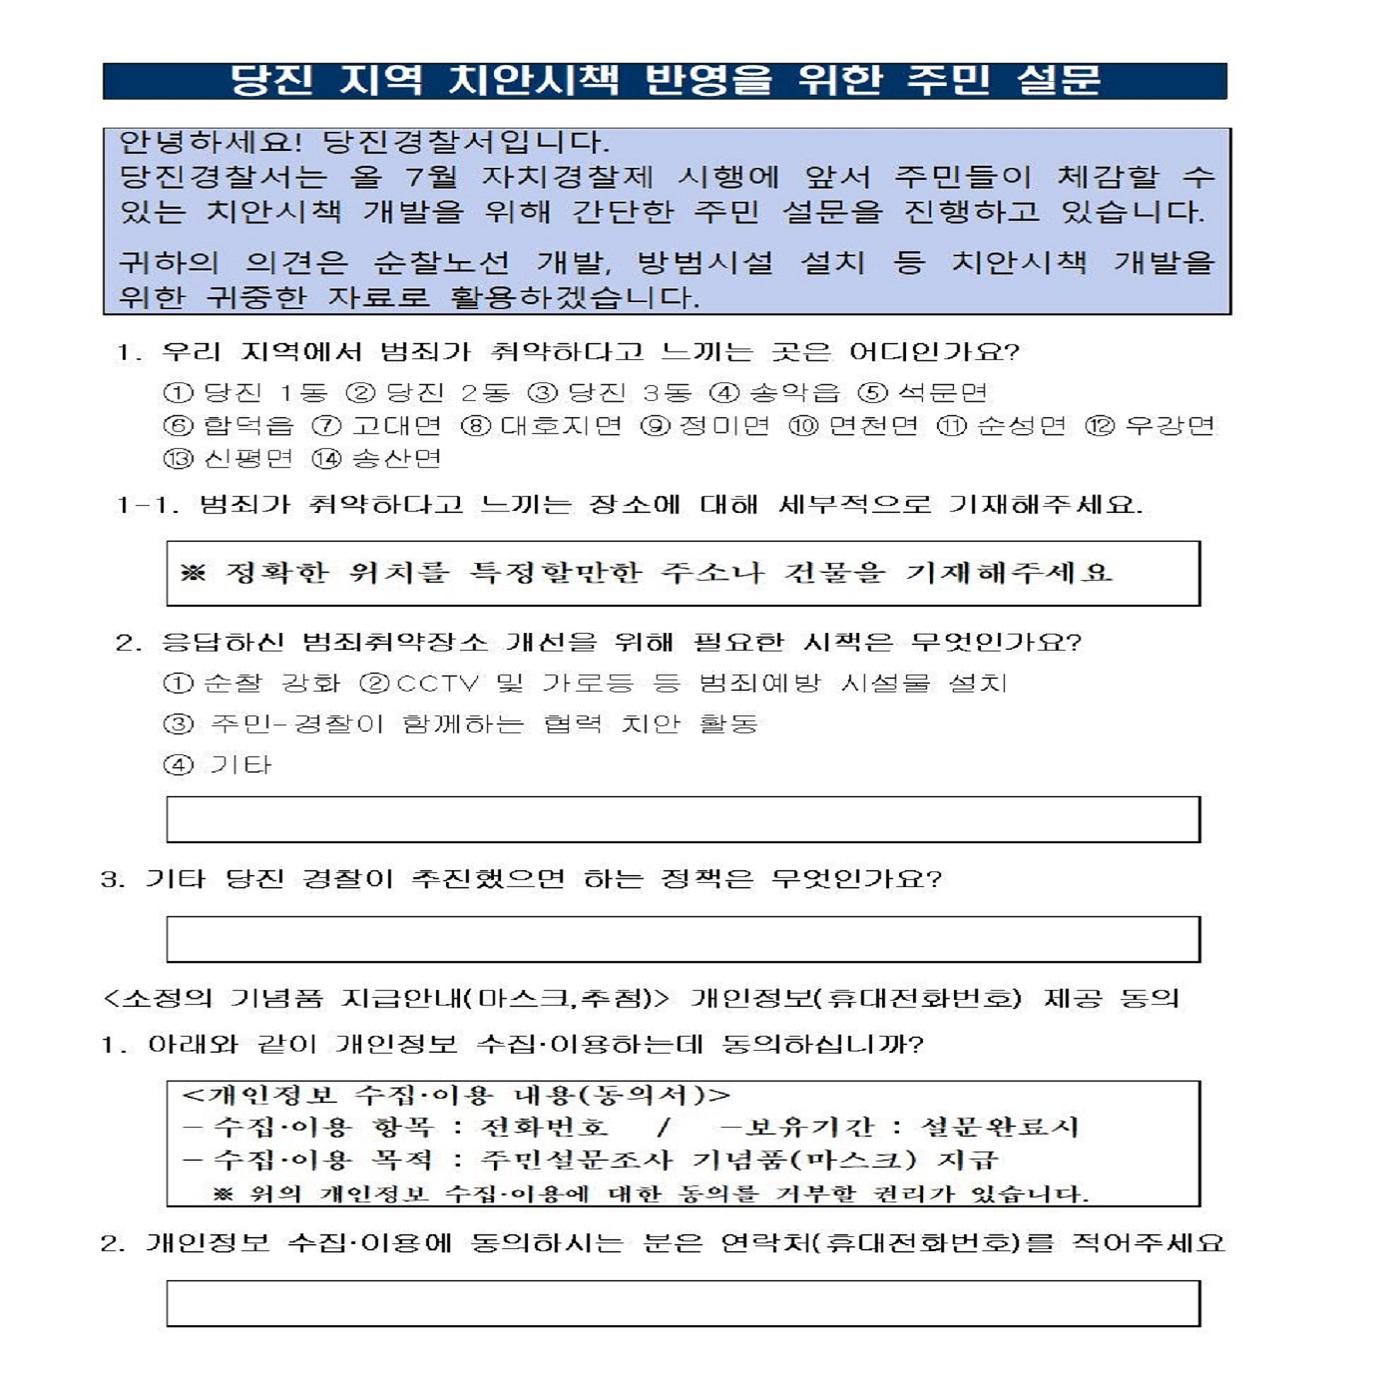 문제중심적_경찰활동_시행계획(설문지)001.jpg